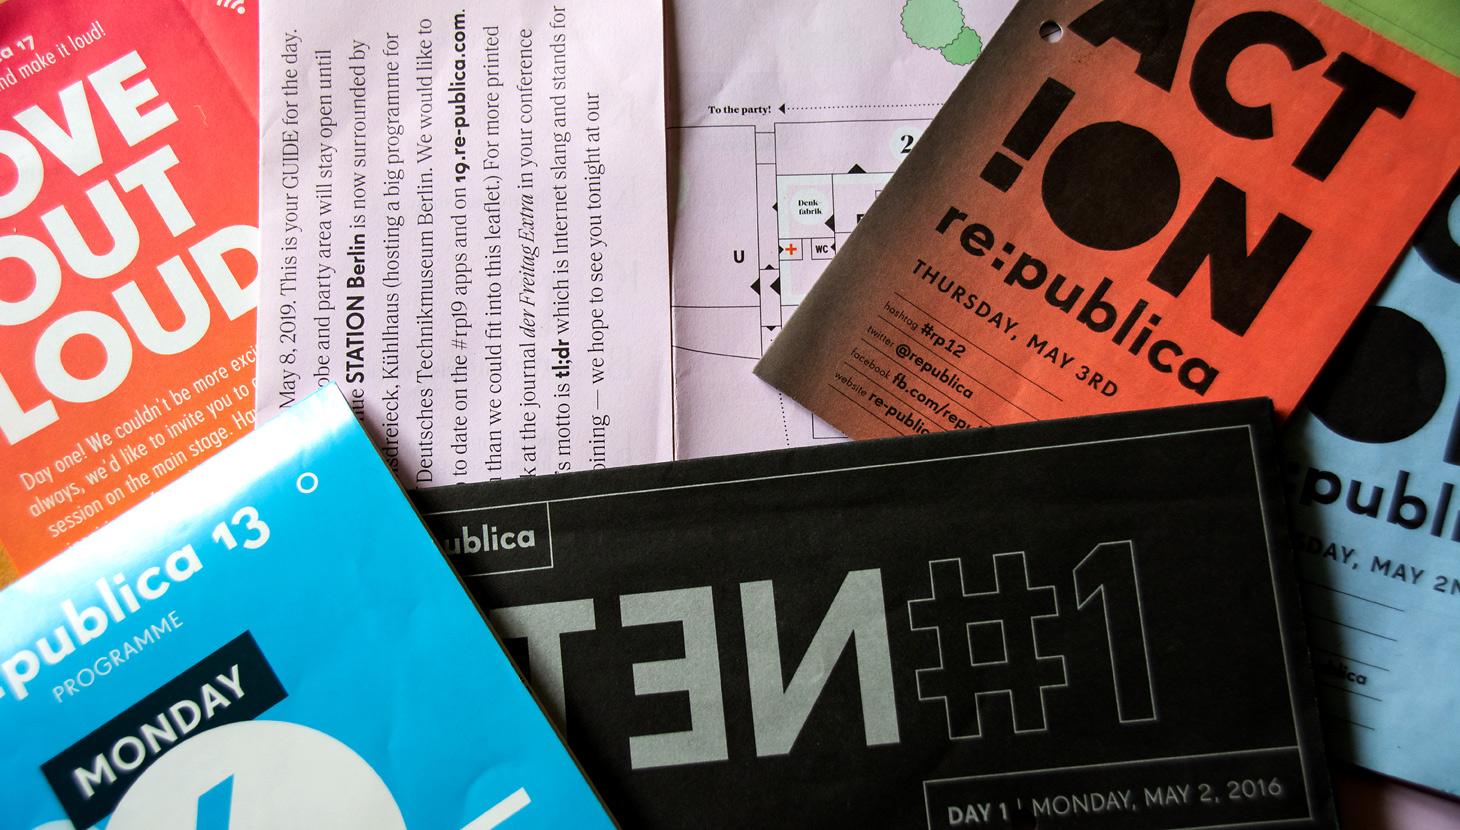 re:publica-Programmhefte unterschiedlicher Jahre. Foto: Vera Lisakowski